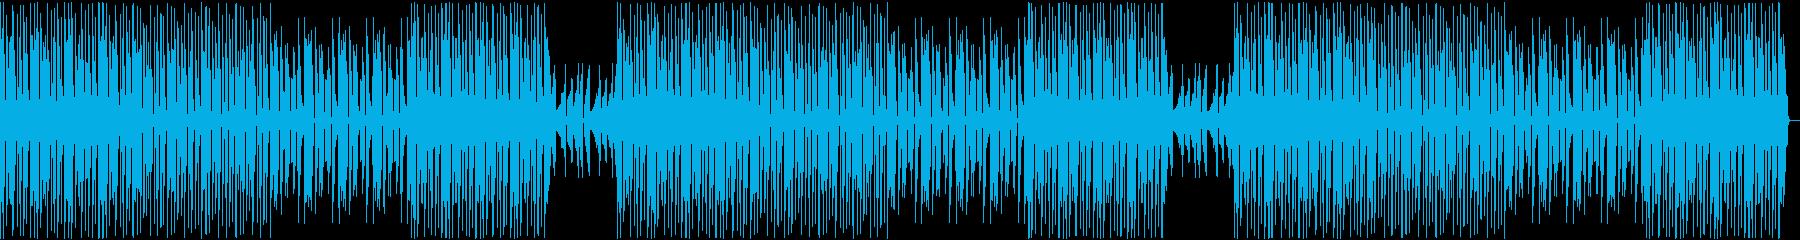 ヨガ等軽めのトレーニング用BGMの再生済みの波形